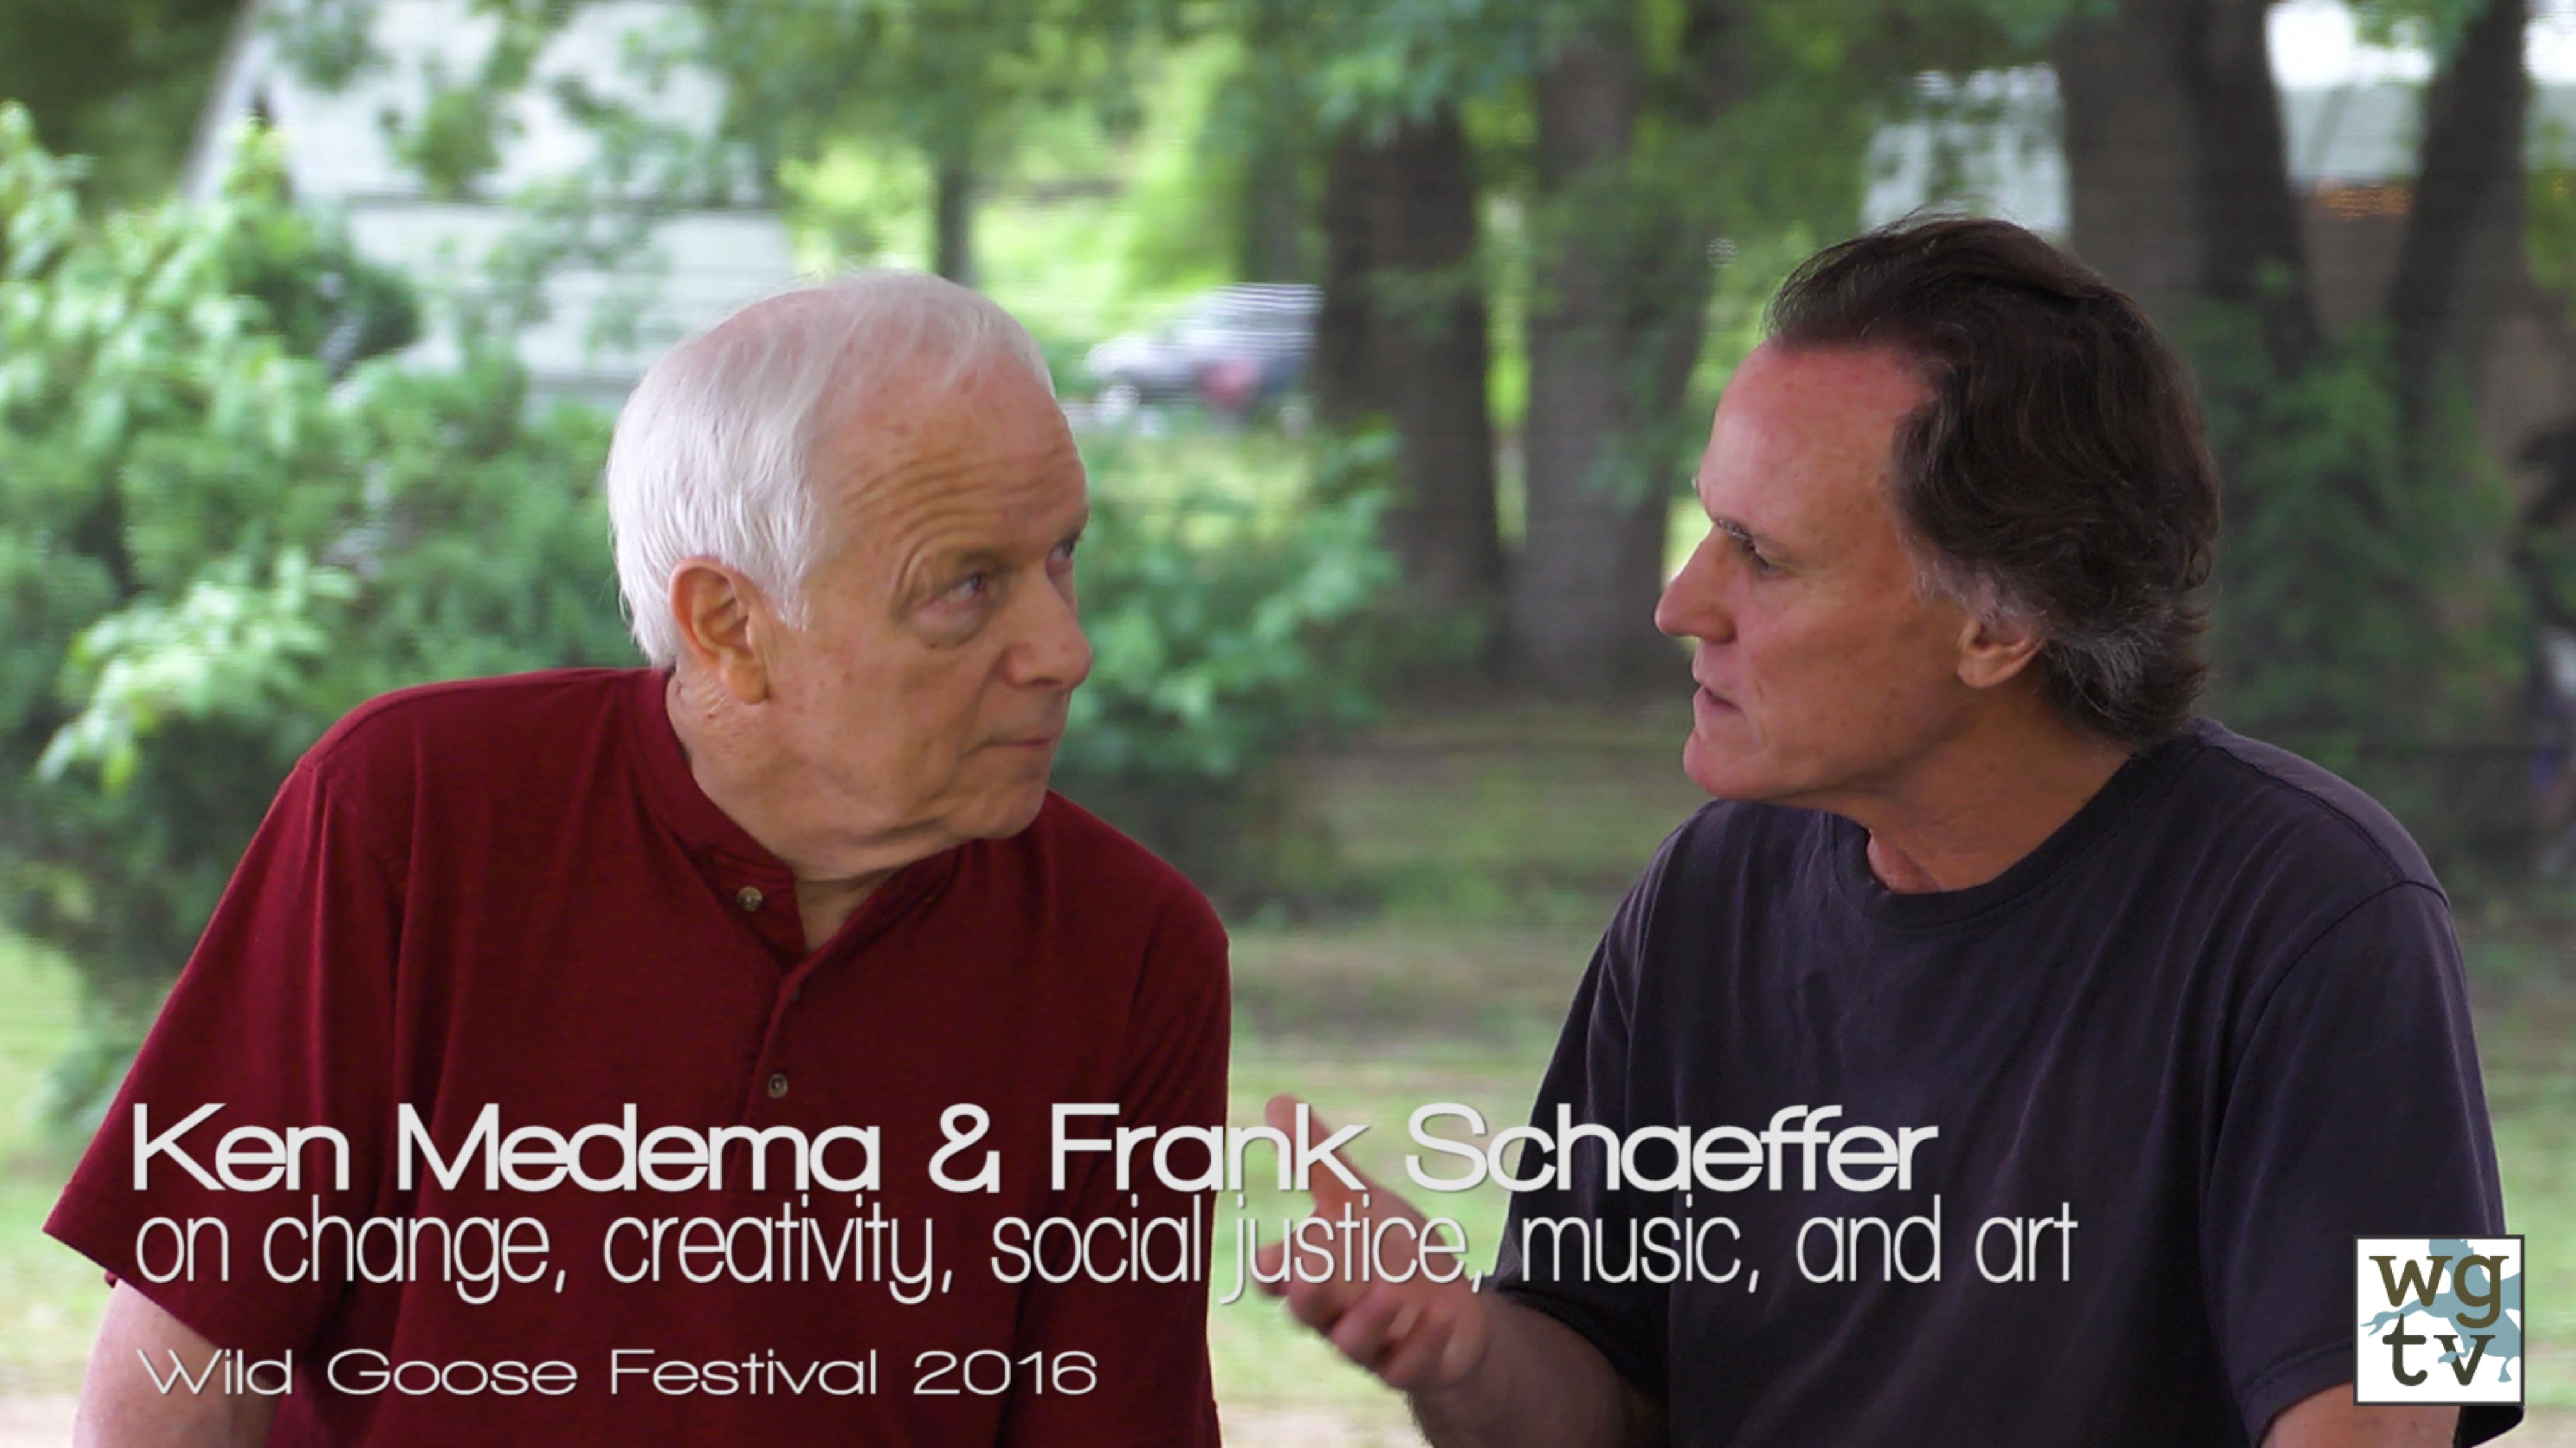 Ken Medema and Frank Schaeffer